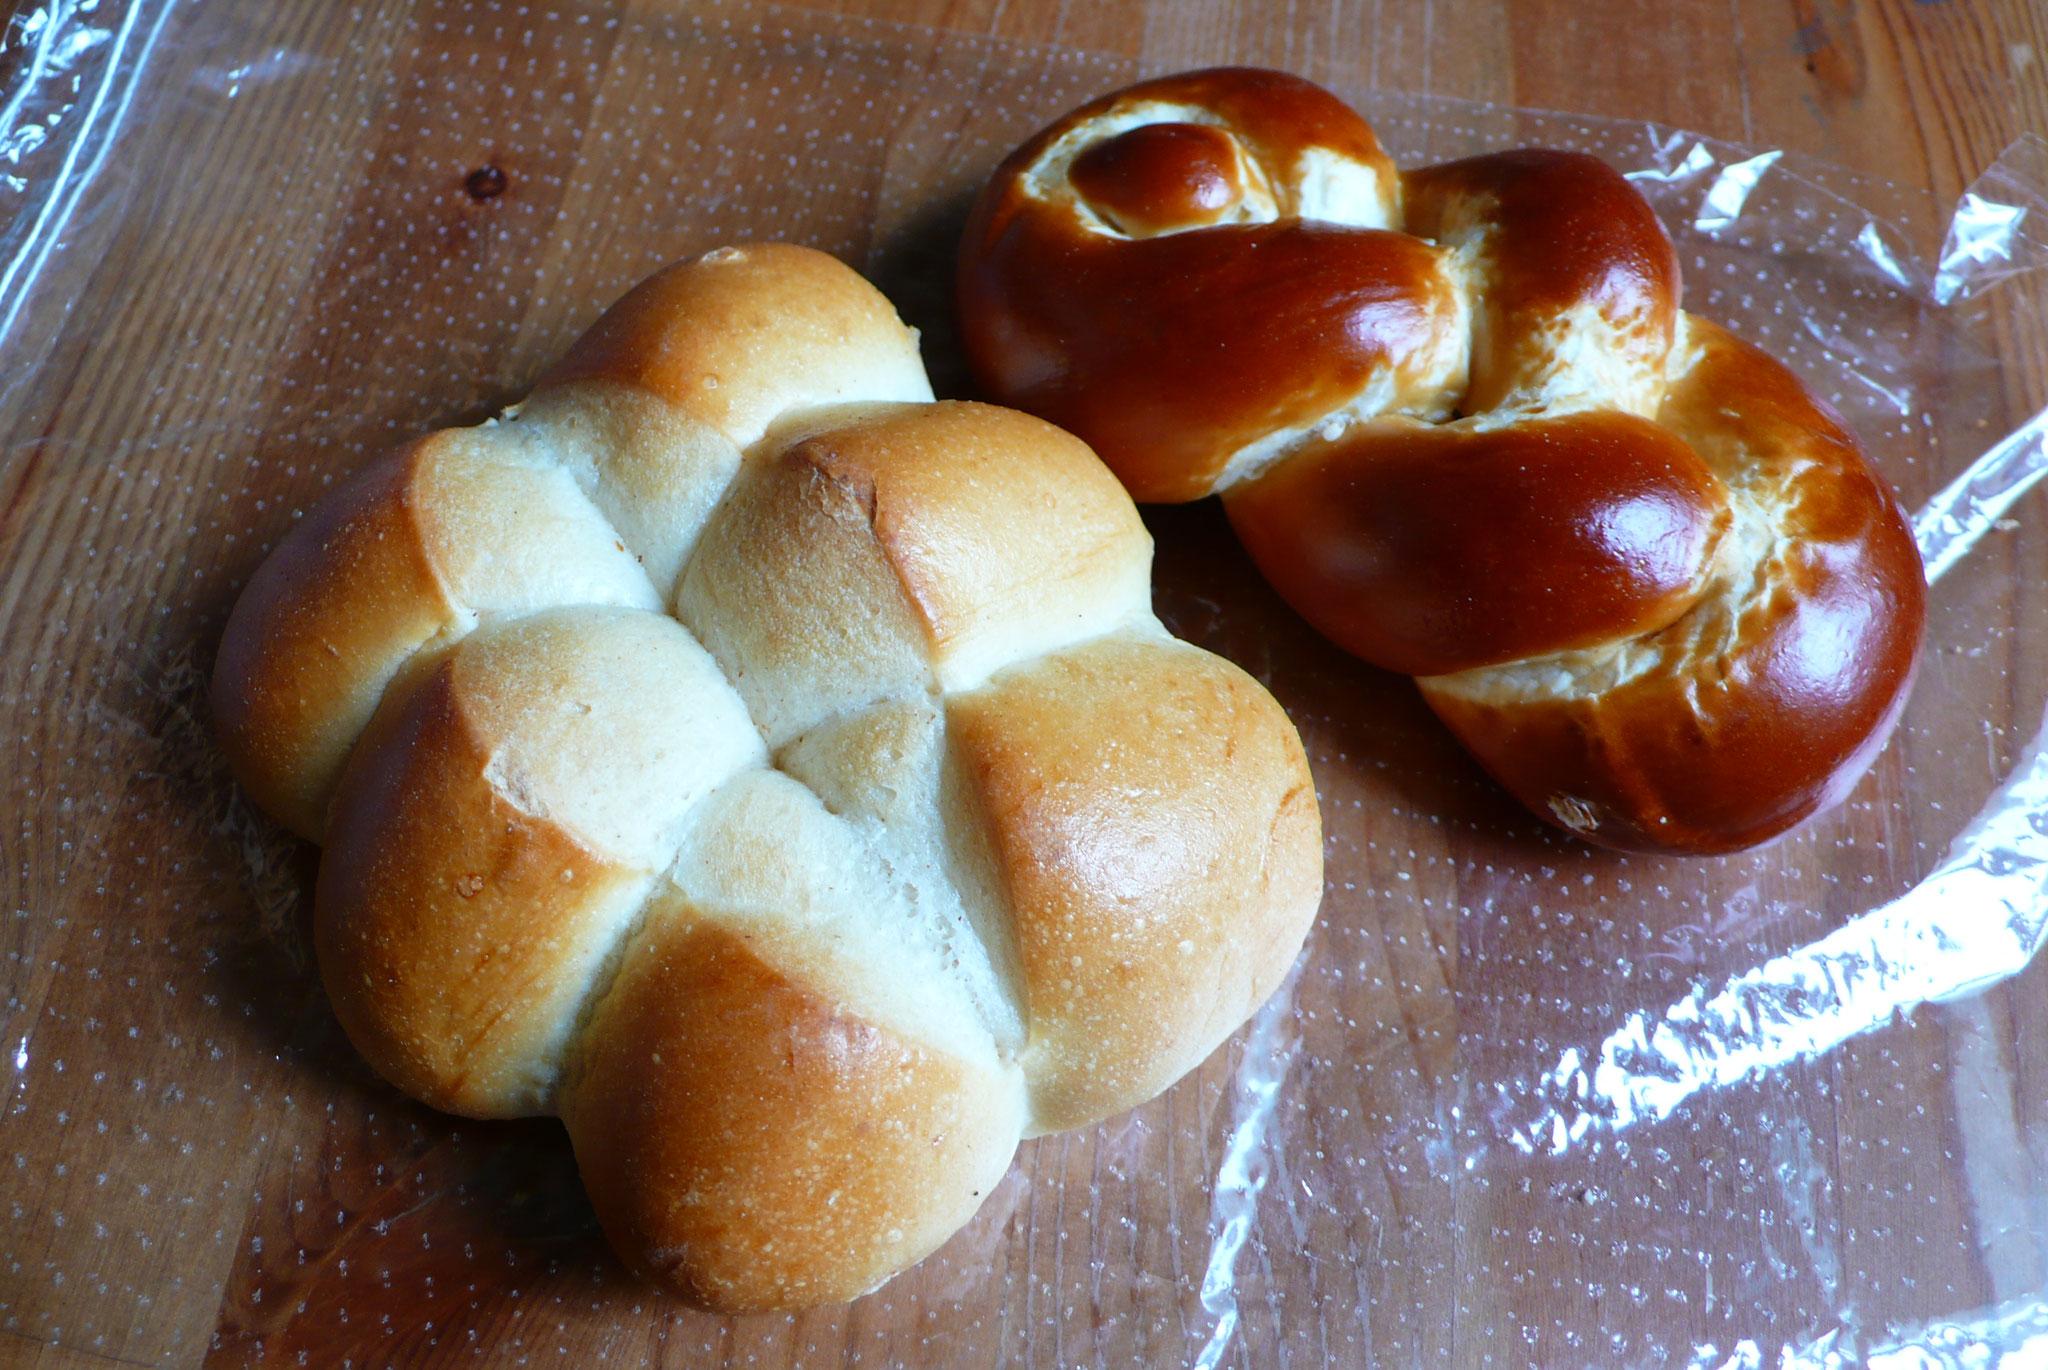 左)スイスの食事パン テッシーナ・ブロート 右)プレッツェル仕立ての編みパン